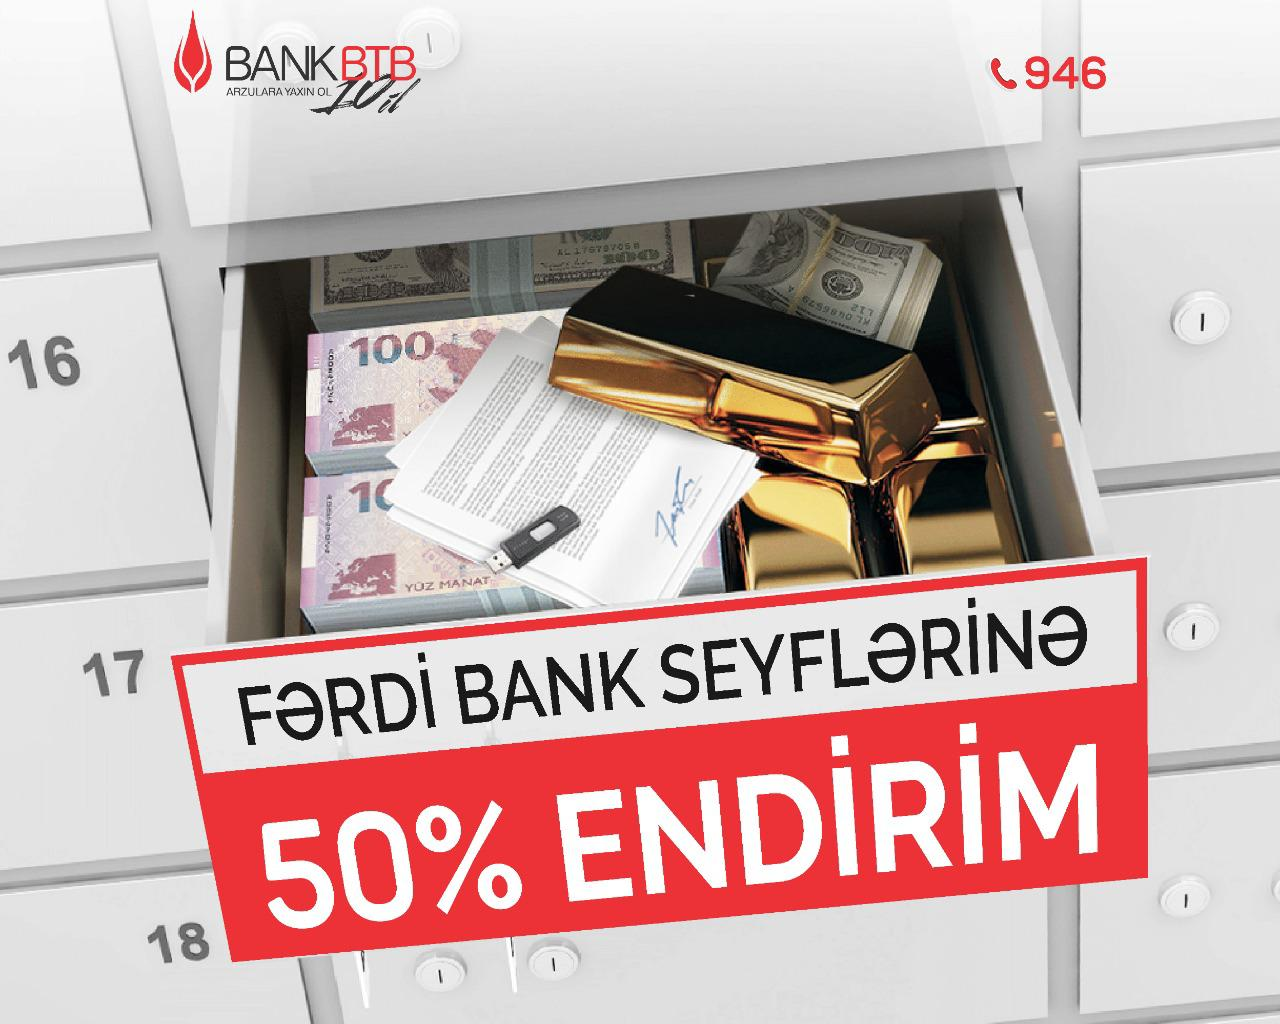 """Bank BTB-nin 50% endirimli """"Fərdi Bank Seyfləri""""ndən yararlanmağa tələsin!"""